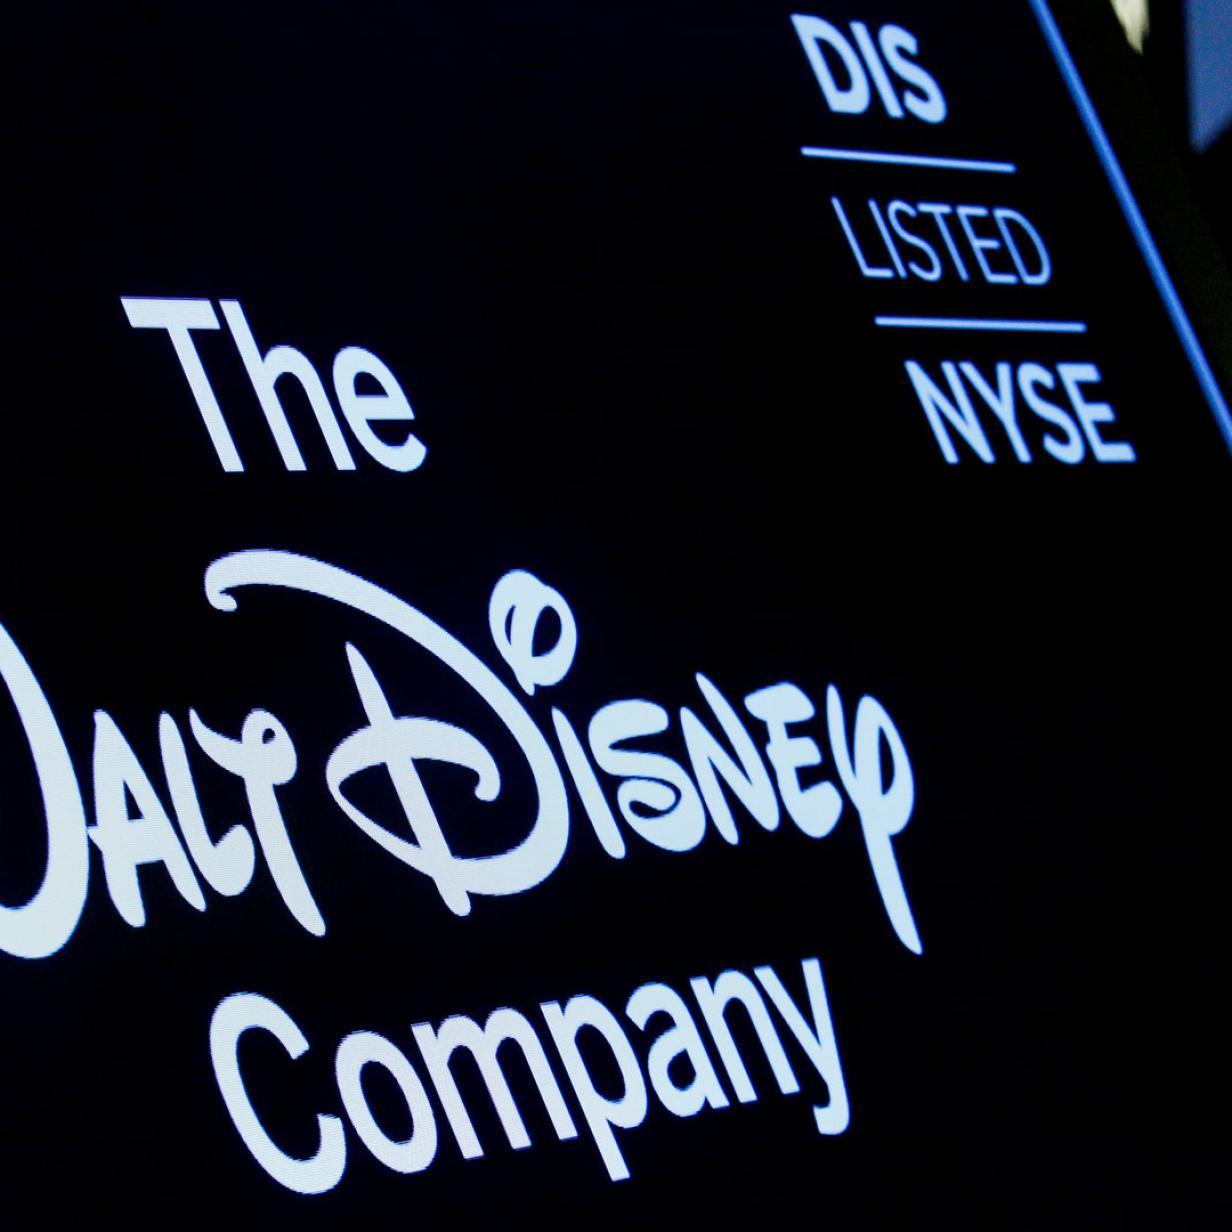 Disneys Streamingdienst startet Ende März in Deutschland